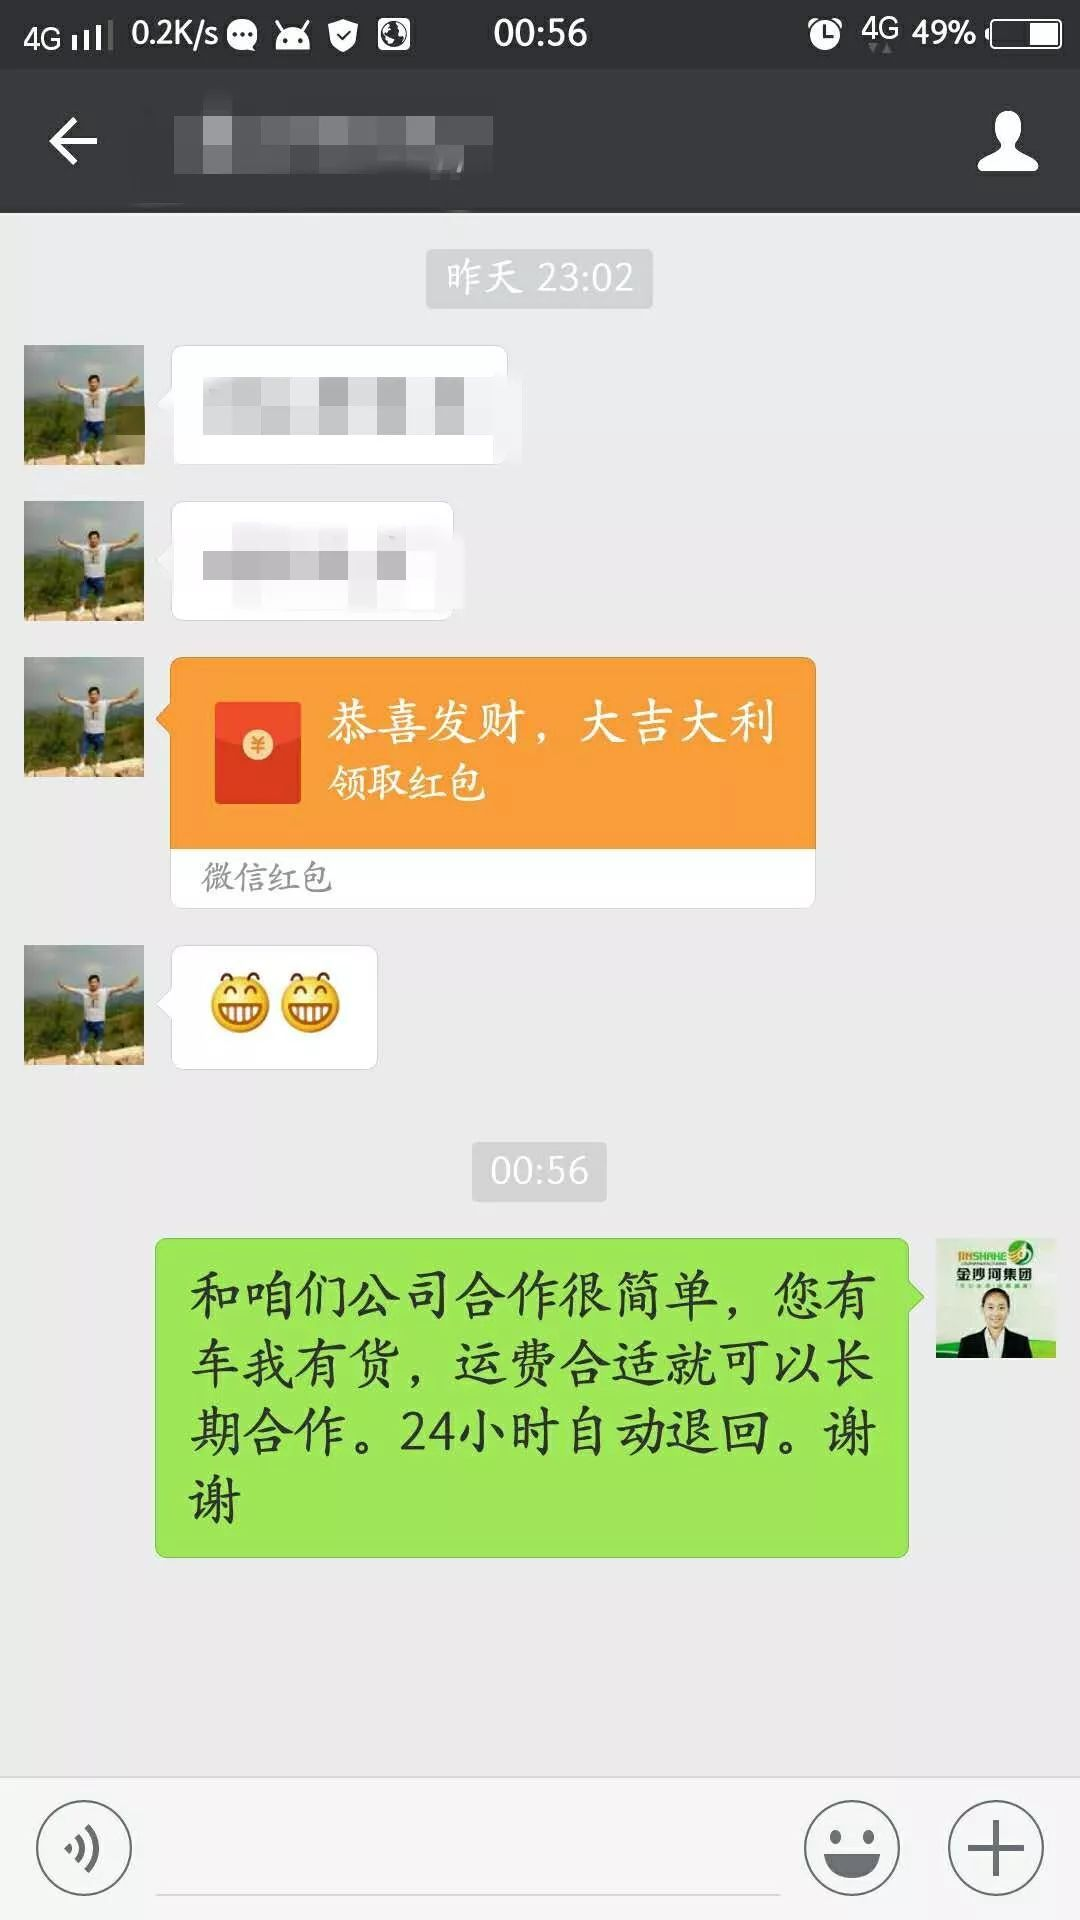 """快递第一龙头获52亿增幅,18年赶超""""贵州茅台""""成最强妖王"""